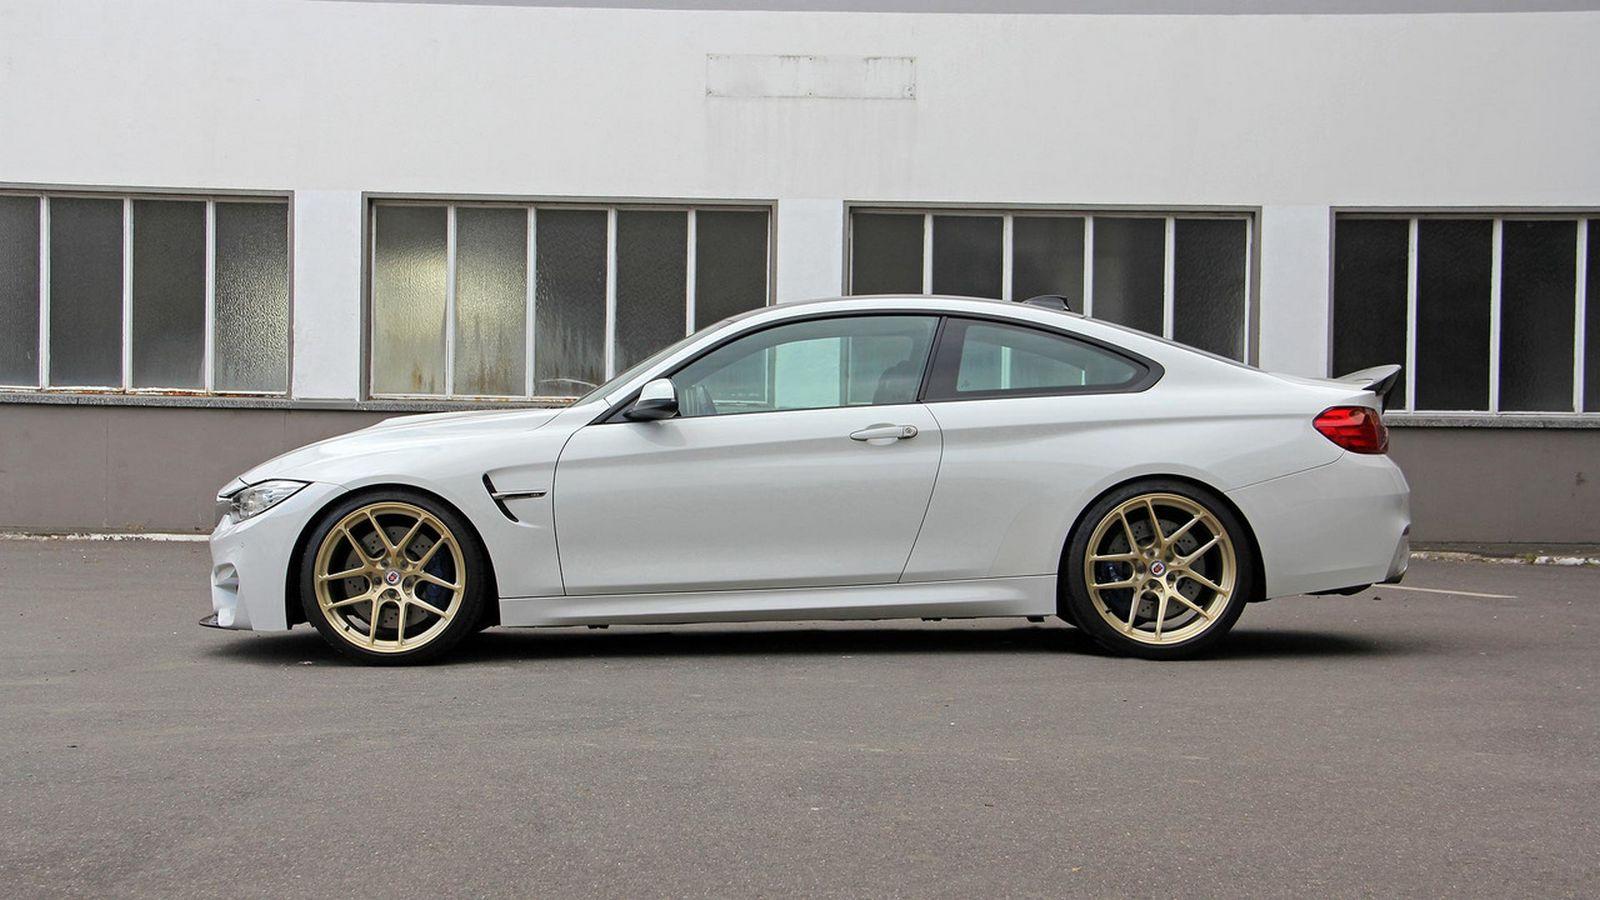 Alpha-N Perf. x BMW M4 = résultat digne d'une GTS